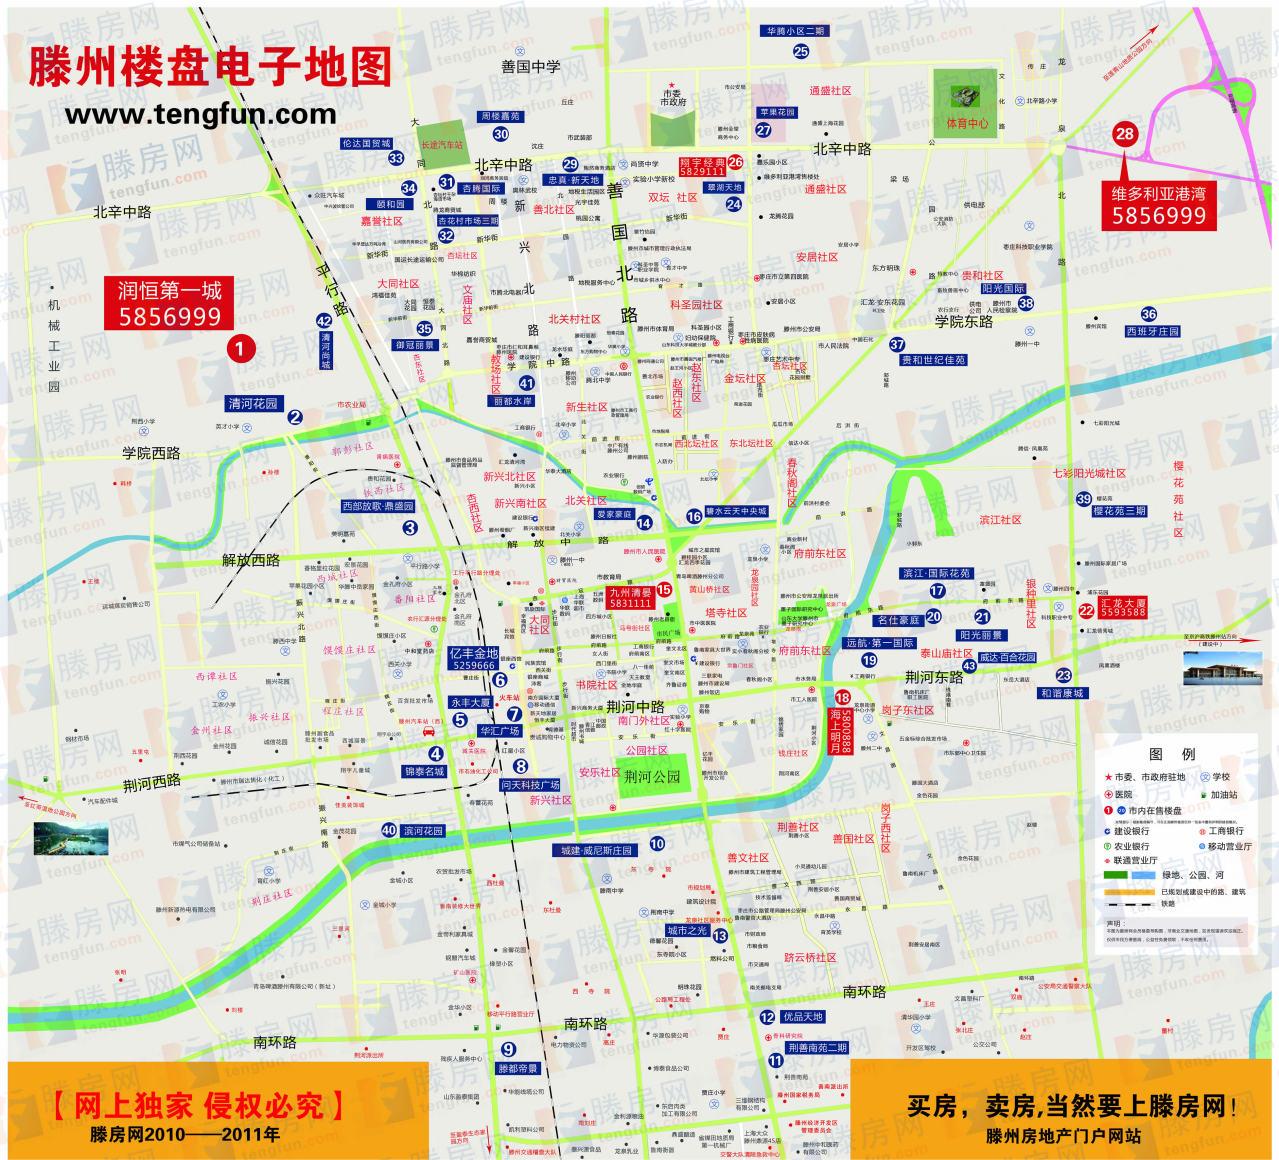 200分!求山东省滕州市地图,电子版图片